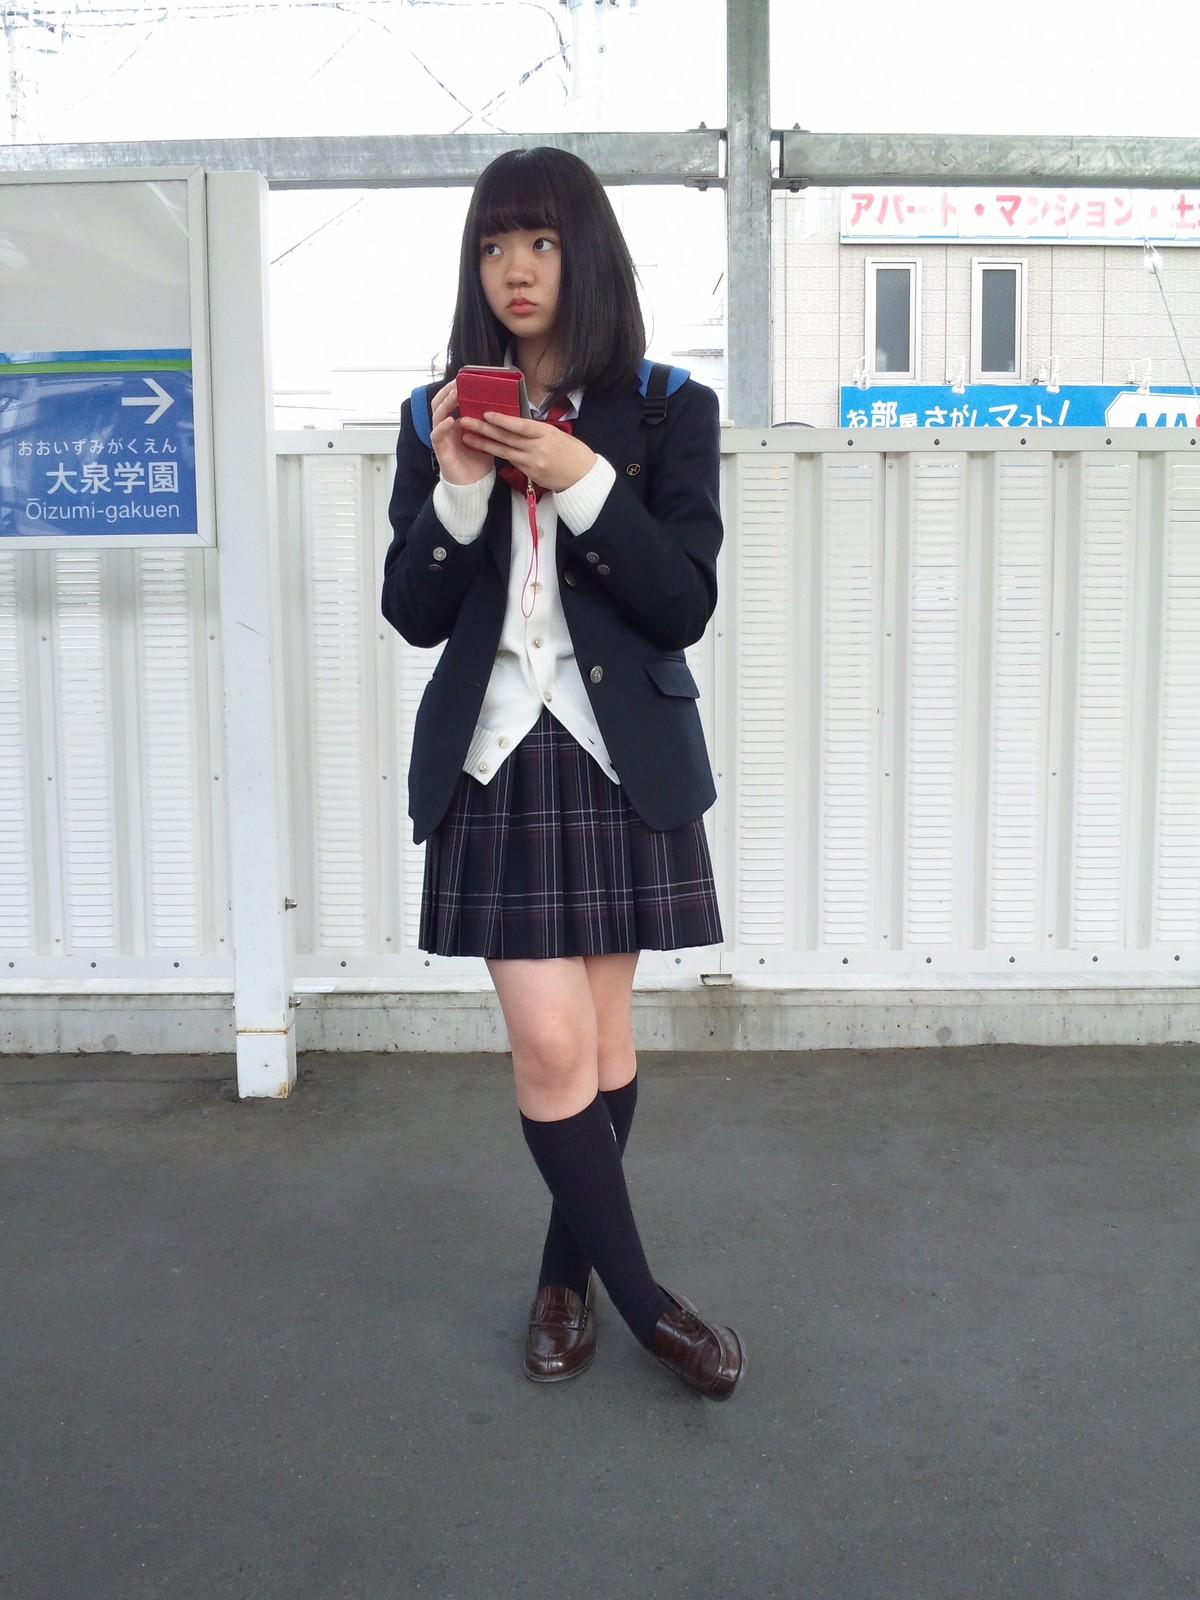 電車を待ってる激カワJKの美脚が素敵!